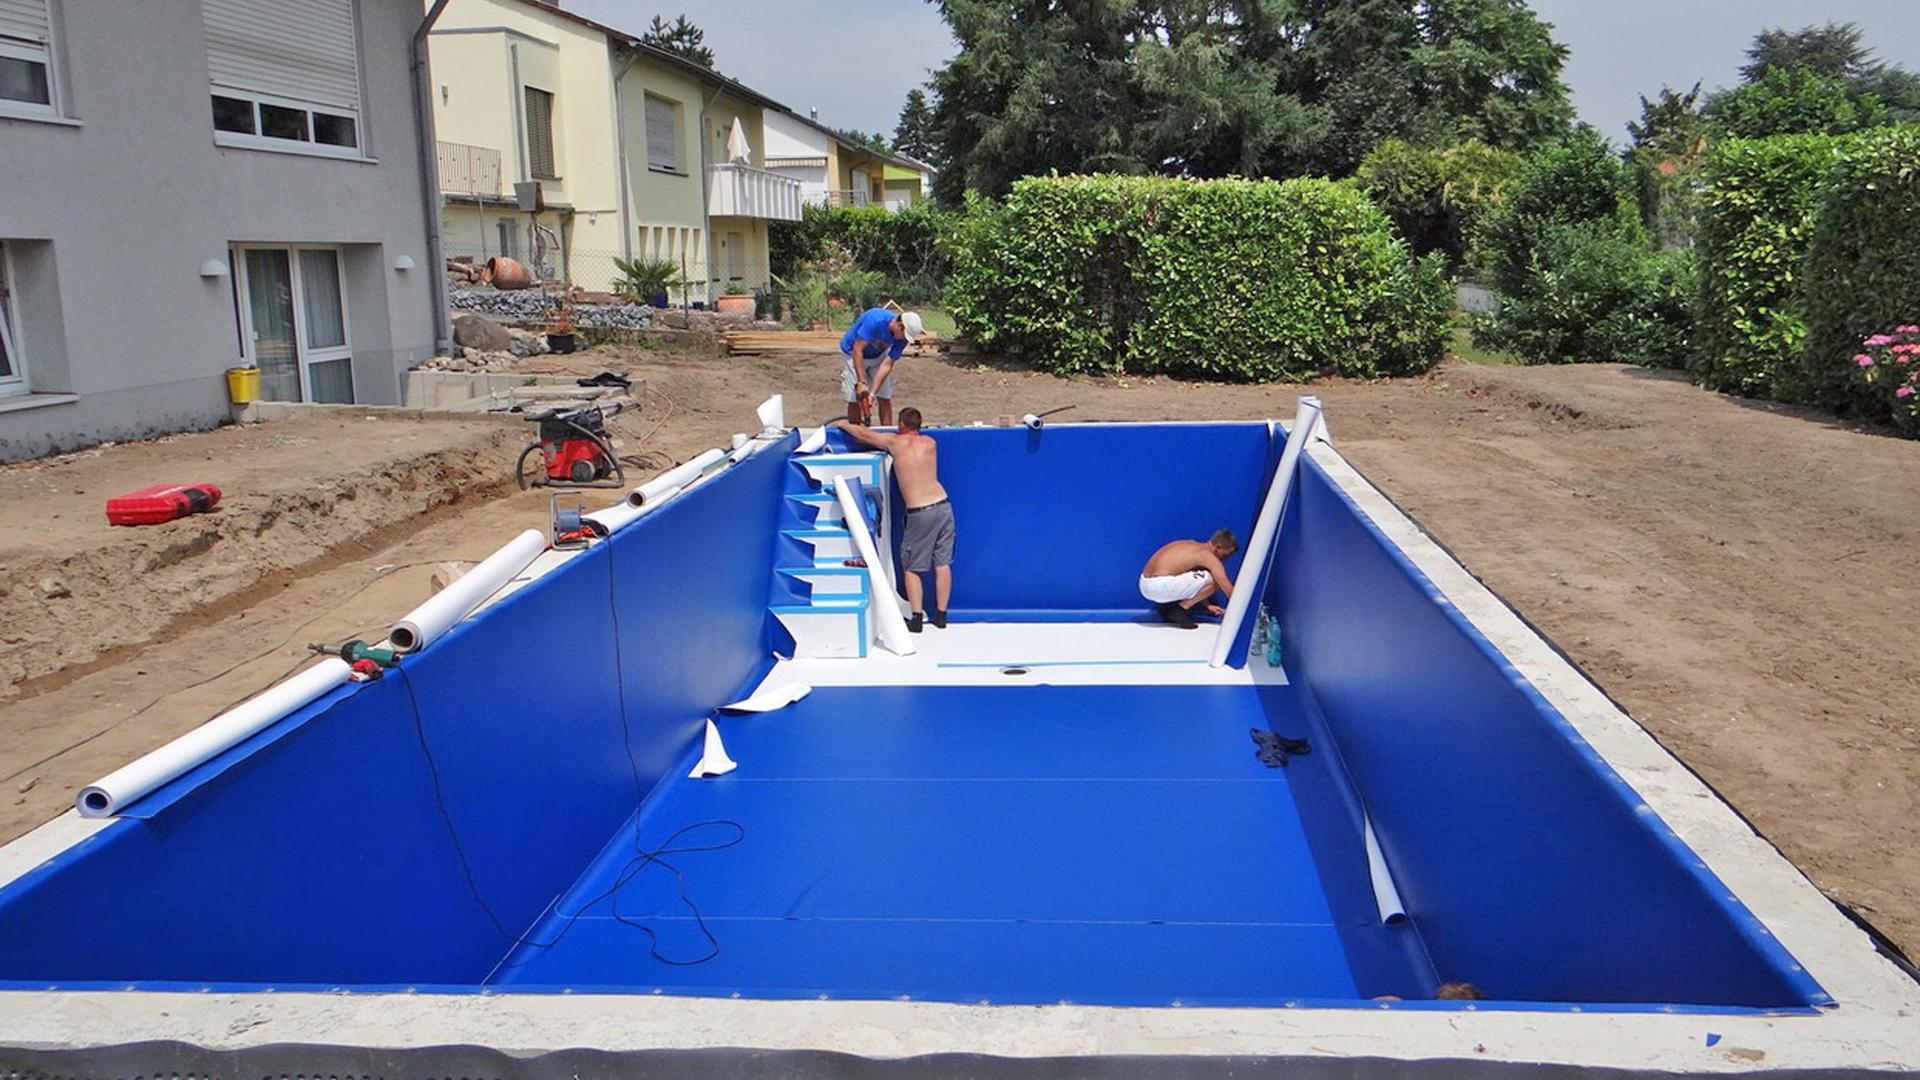 Schwimmbadbauer arbeiten in und an einem Becken.